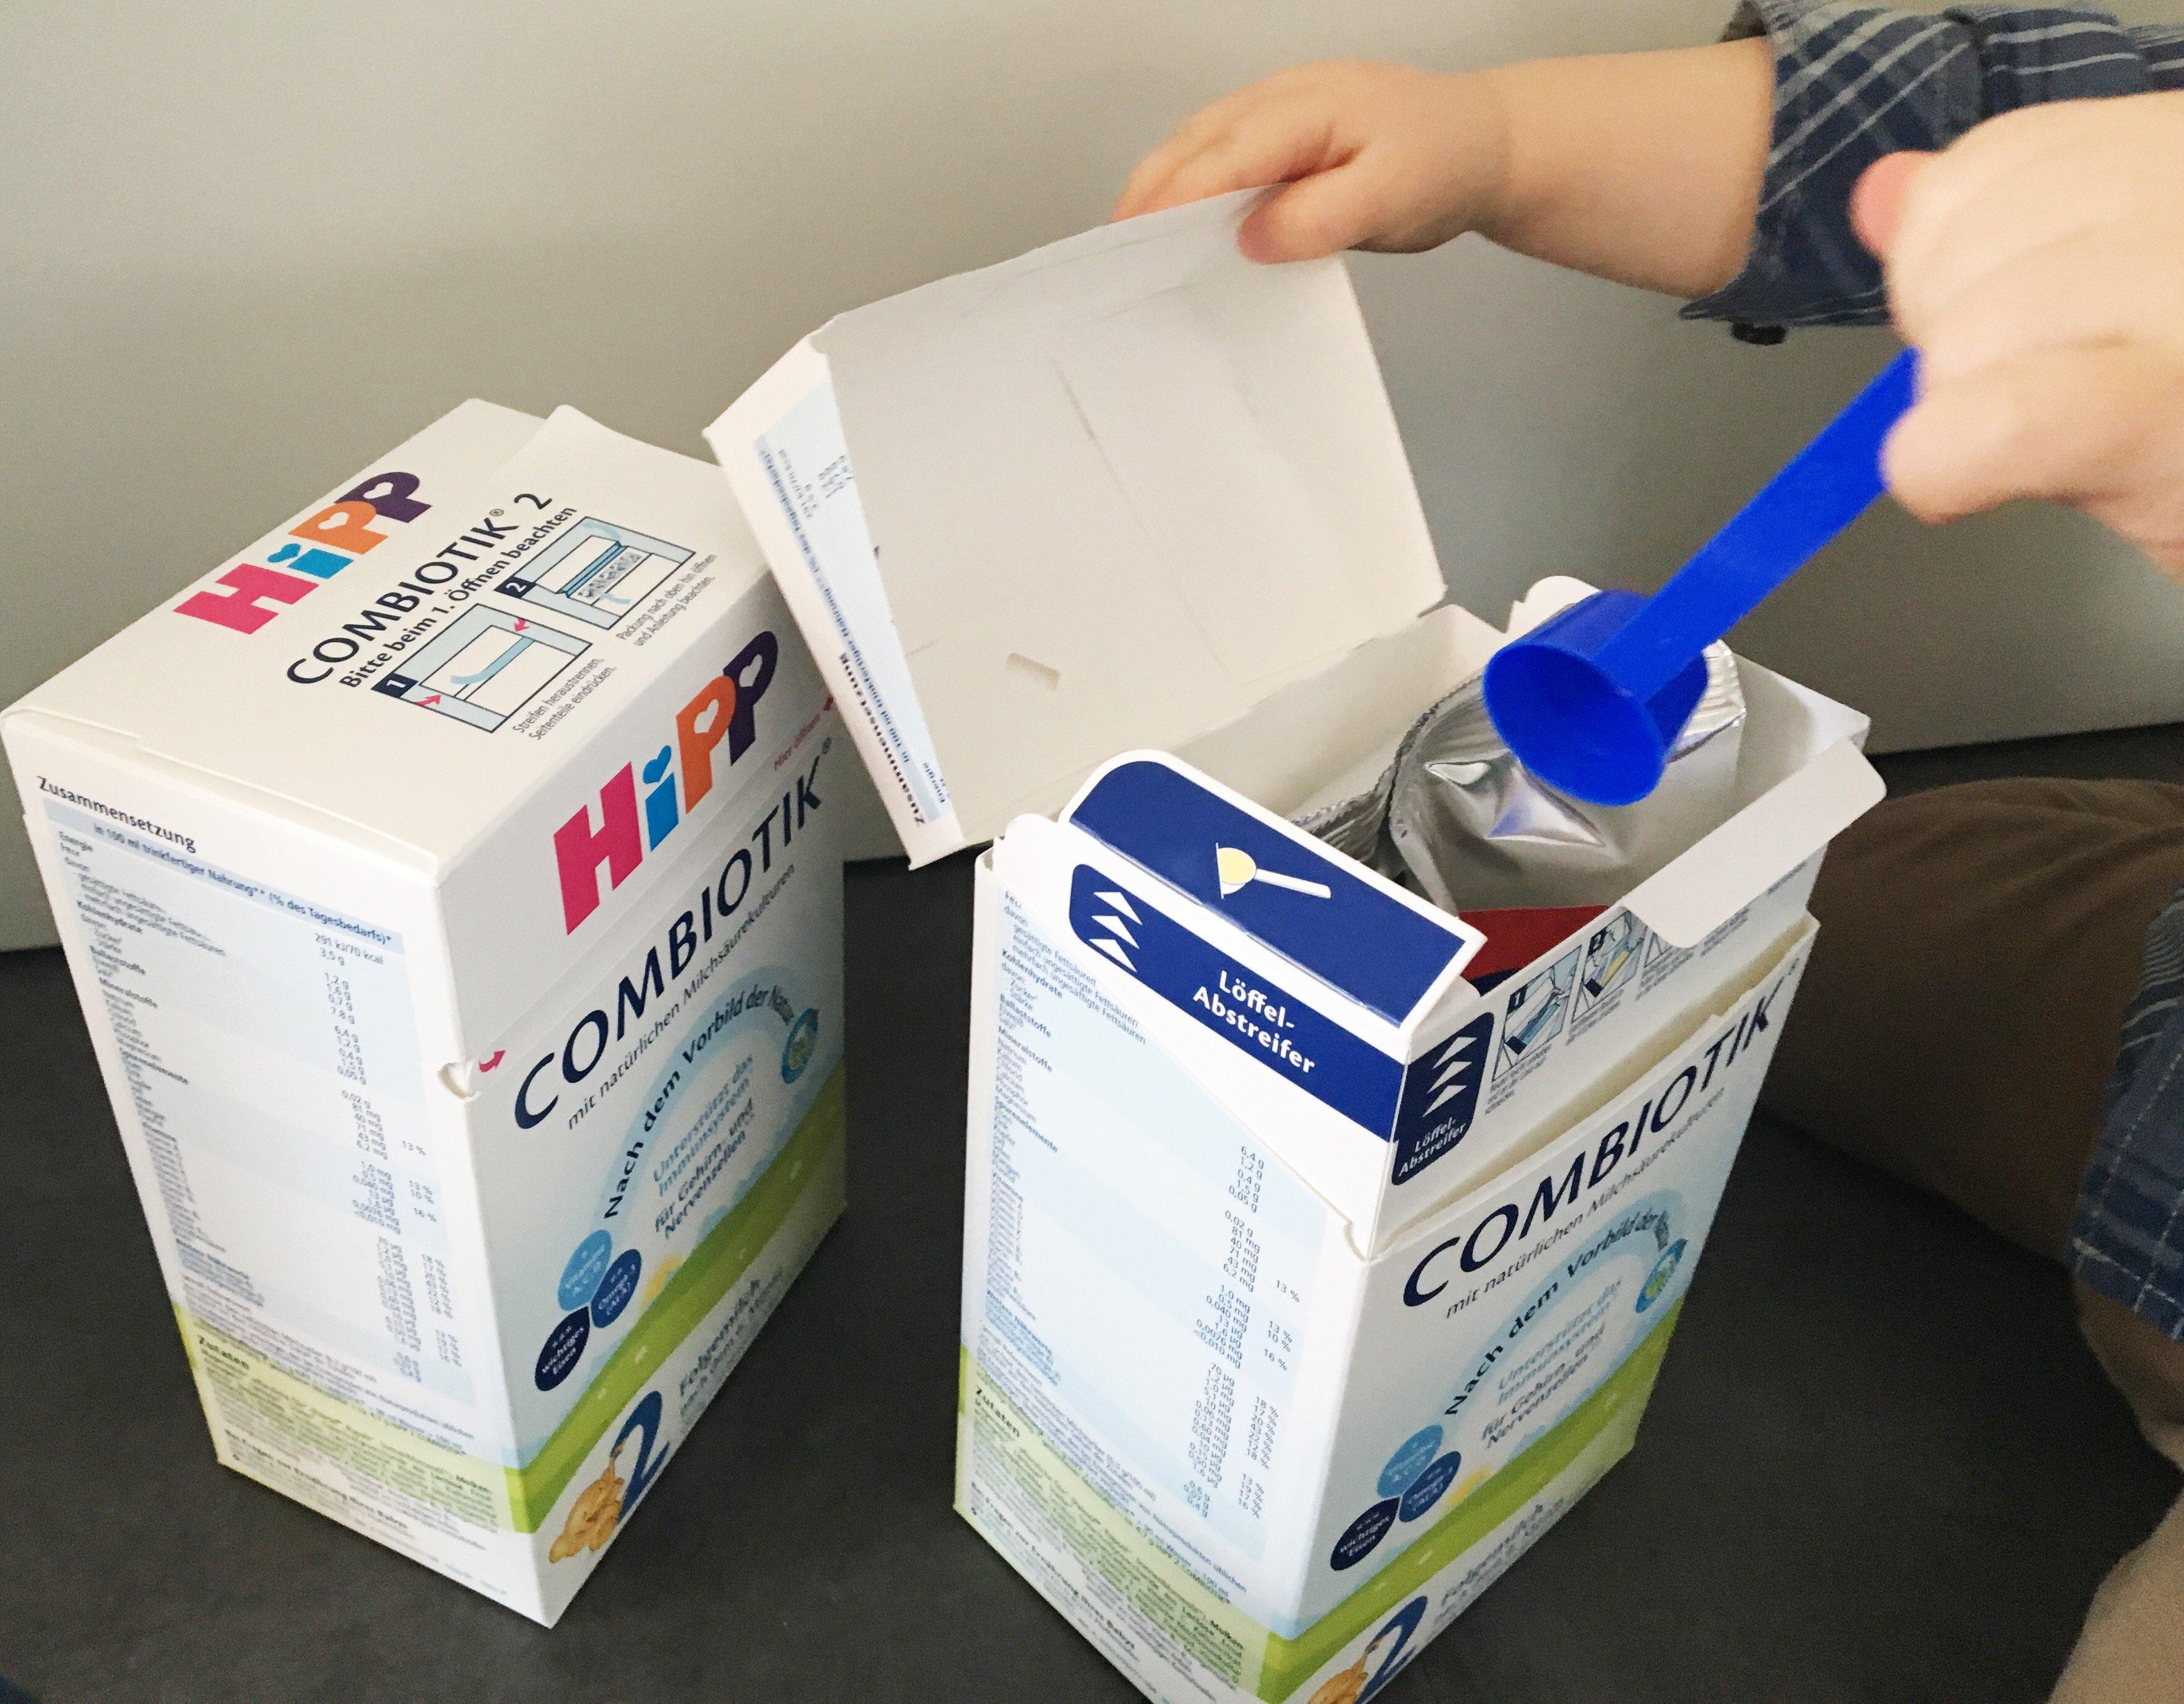 Foto 20.01.18 14 24 38 - Die Alternative zum Stillen: HiPP 2 COMBIOTIK Folgemilch